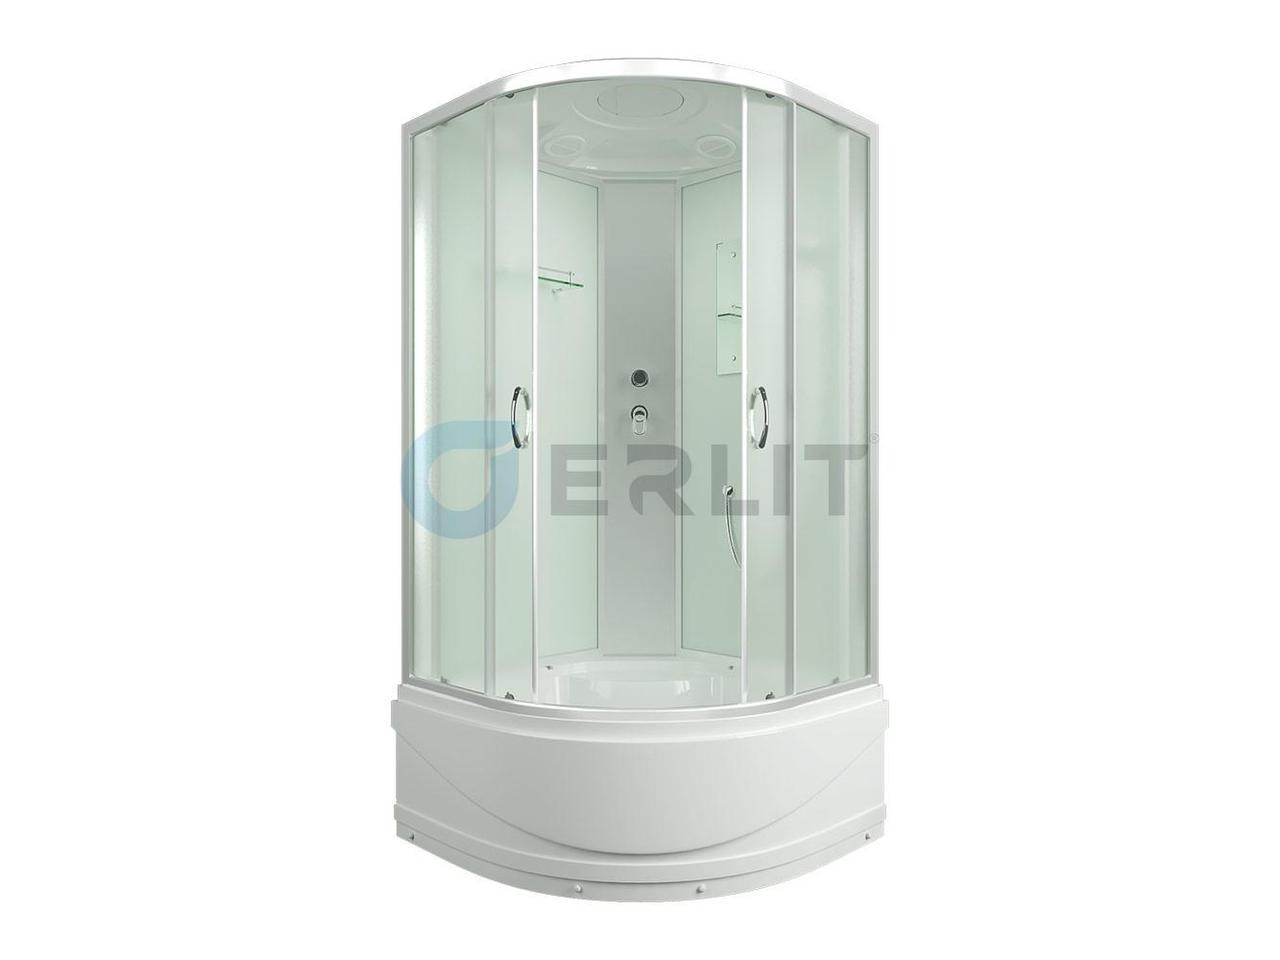 Душевая кабина Erlit ER3508TP-С3, 80х80 см, с высоким поддоном, матовое стекло.